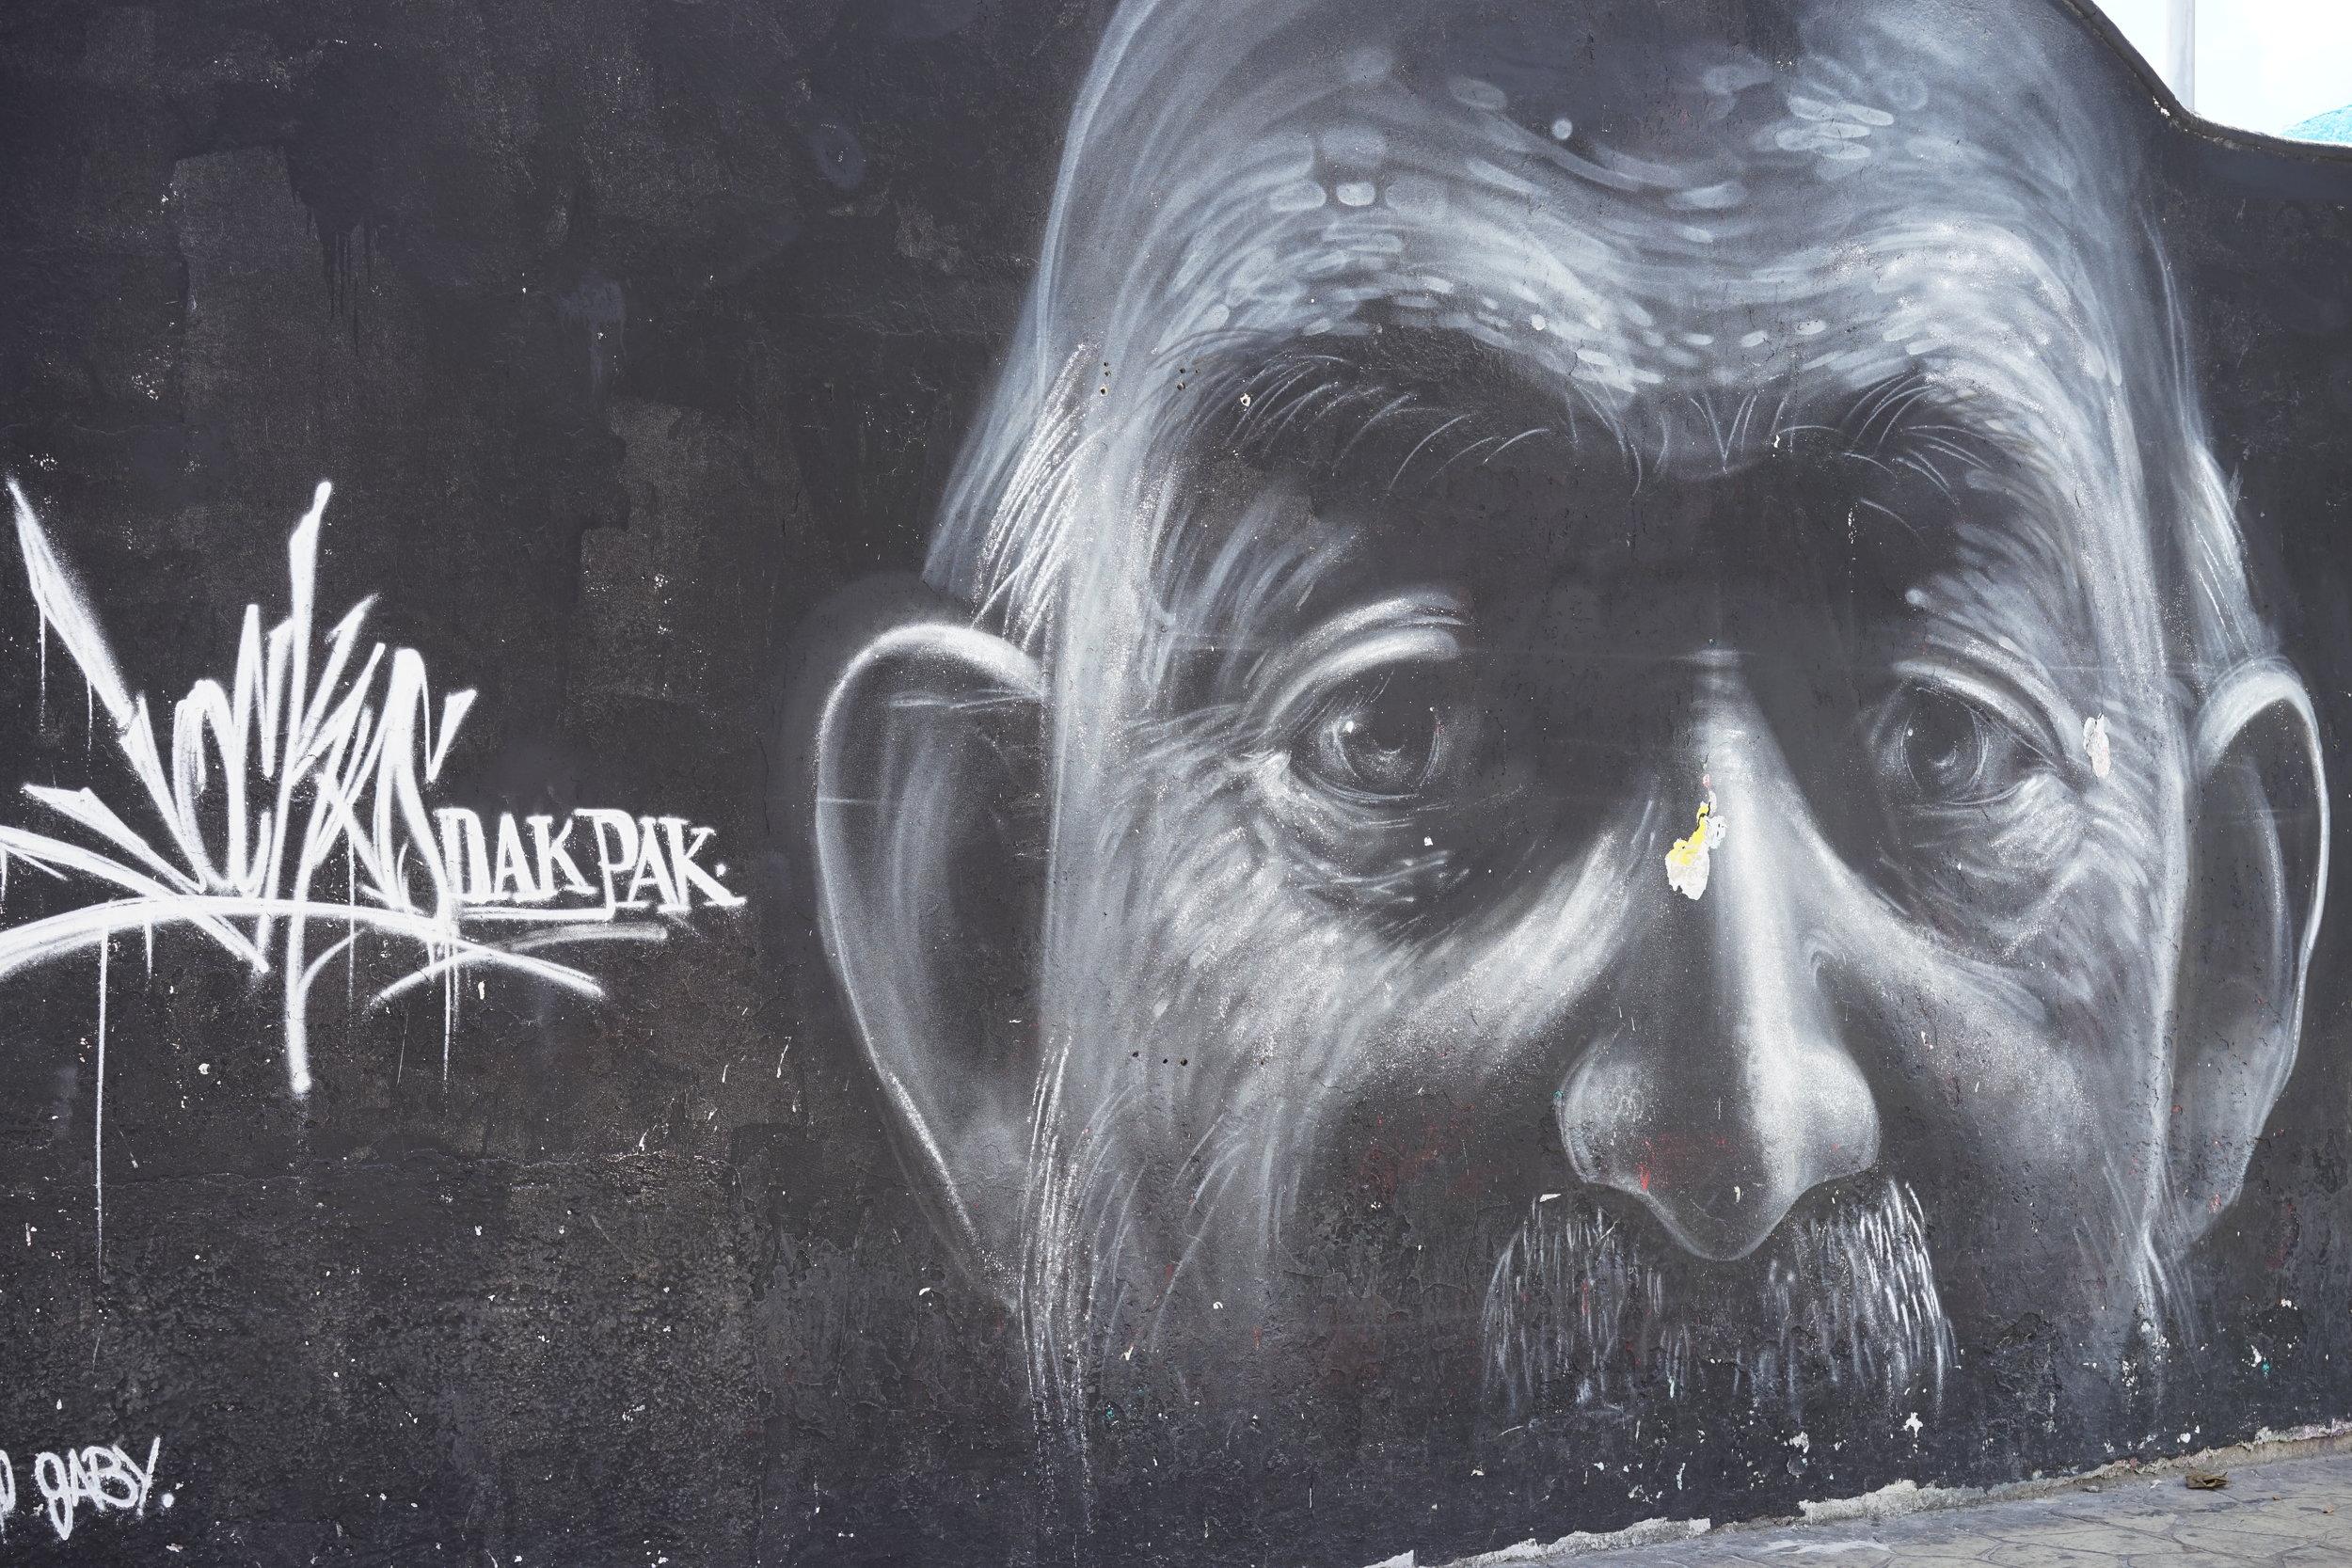 Artist Hugo Jocka